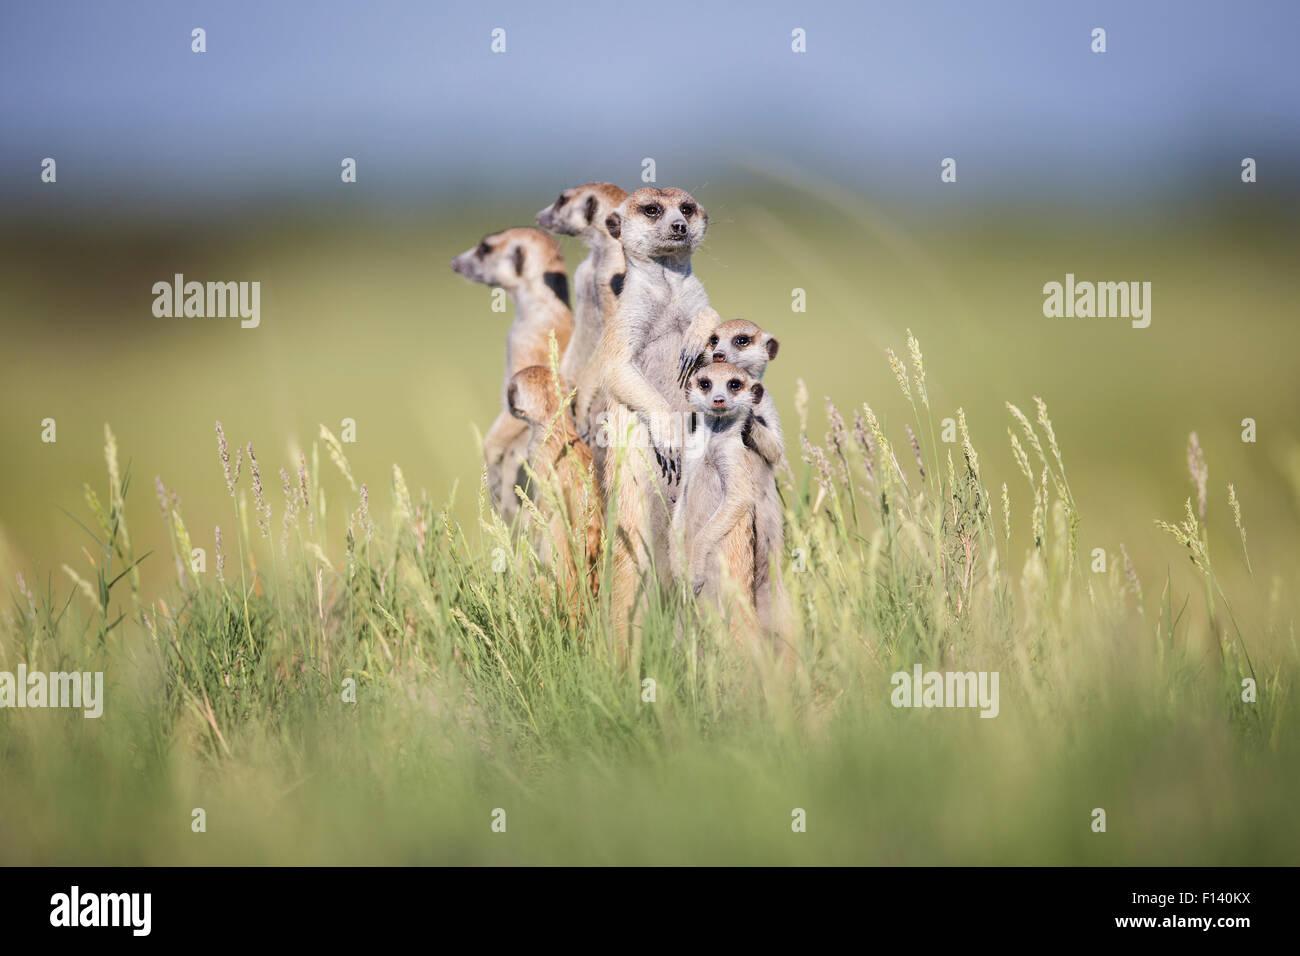 Meerkat (Suricata suricatta) group standing alert, Makgadikgadi Pans, Botswana. - Stock Image